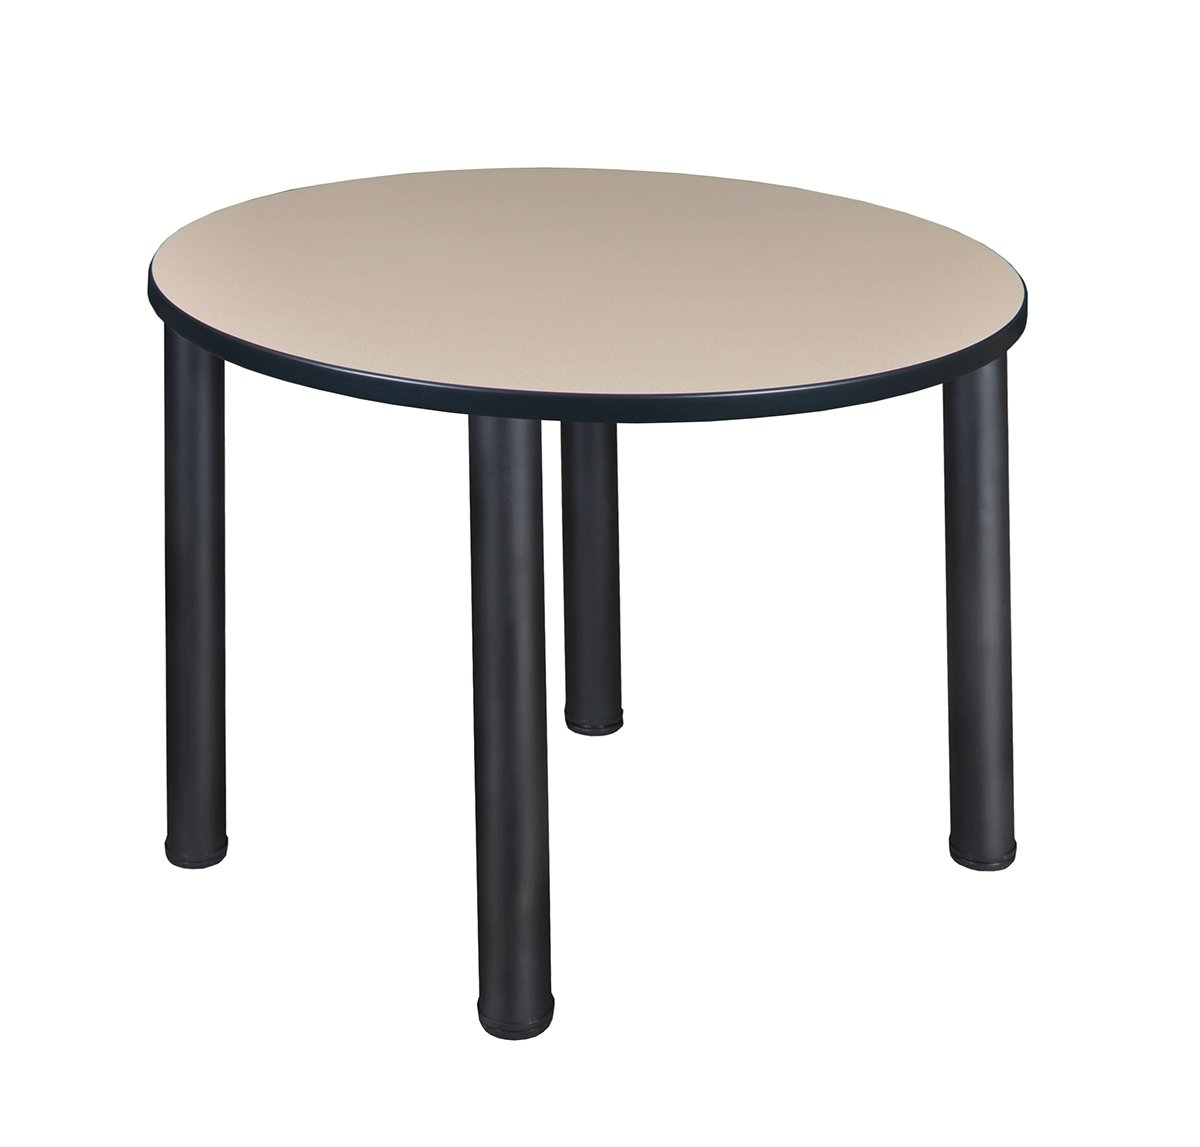 """Regency Seating Kee 36"""" Round Breakroom Table- Beige/Black"""